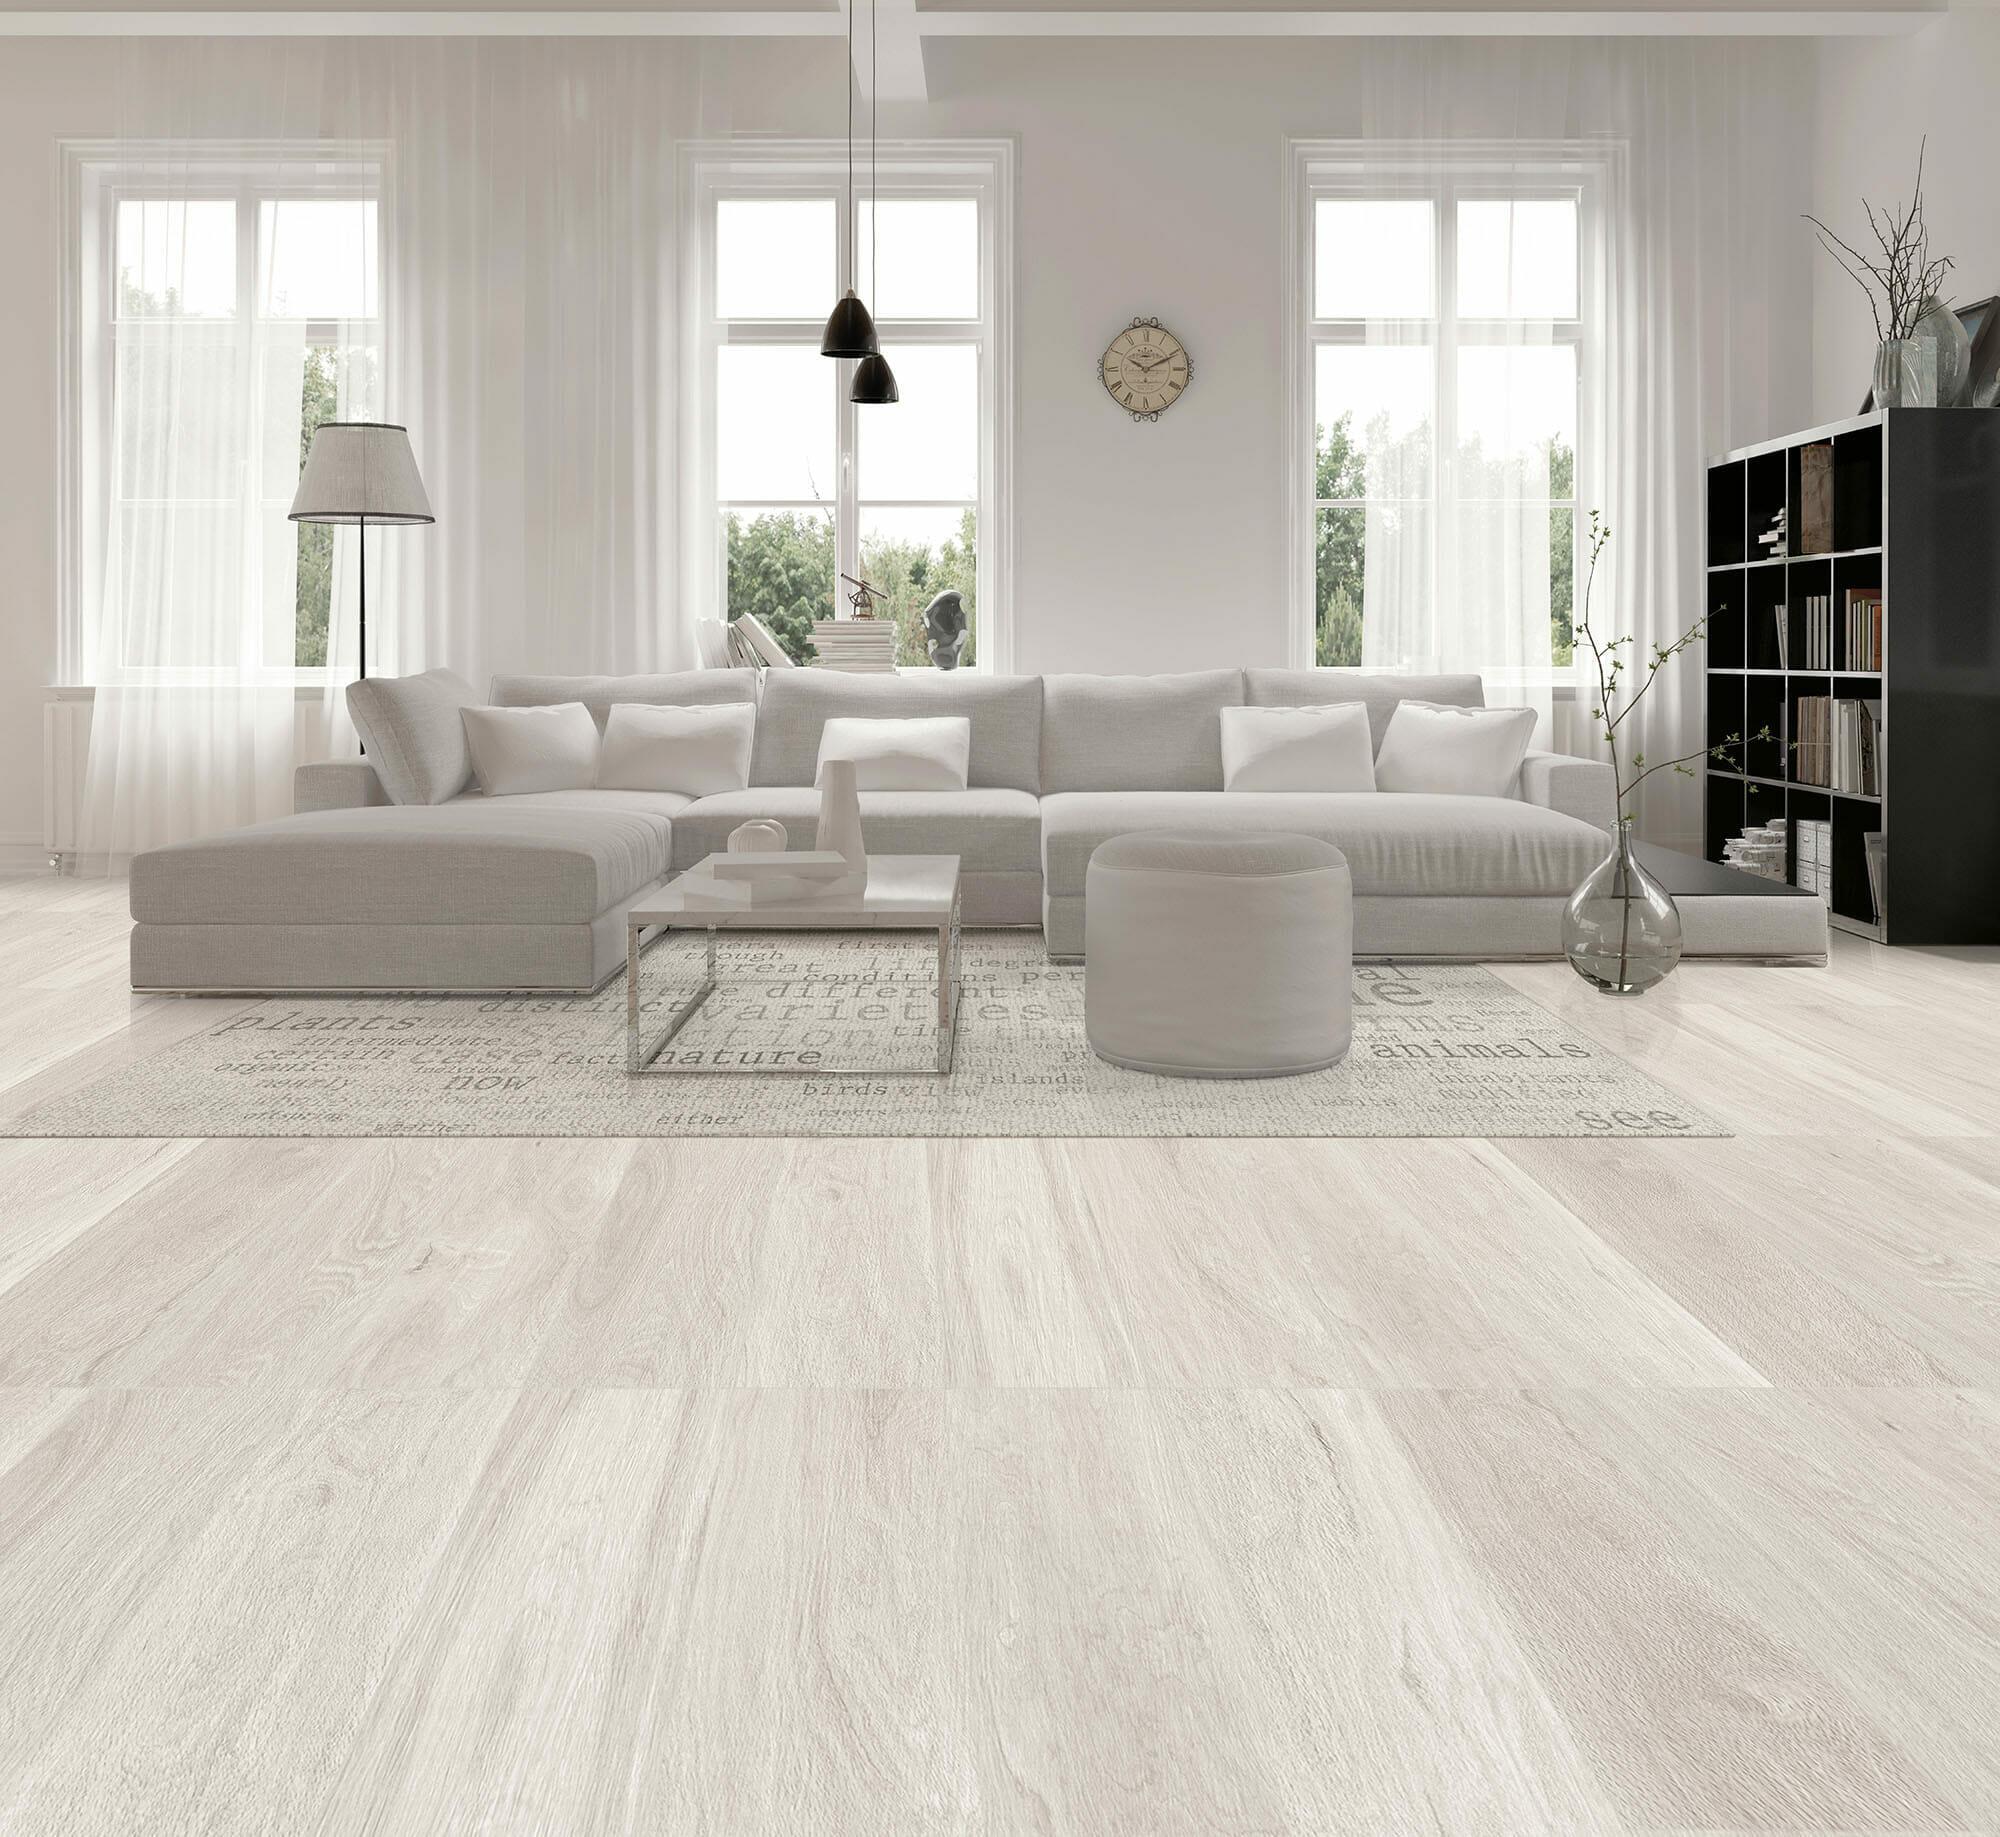 Kenia White Light Wood Look Porcelain Tile Tiles Stone Warehouse